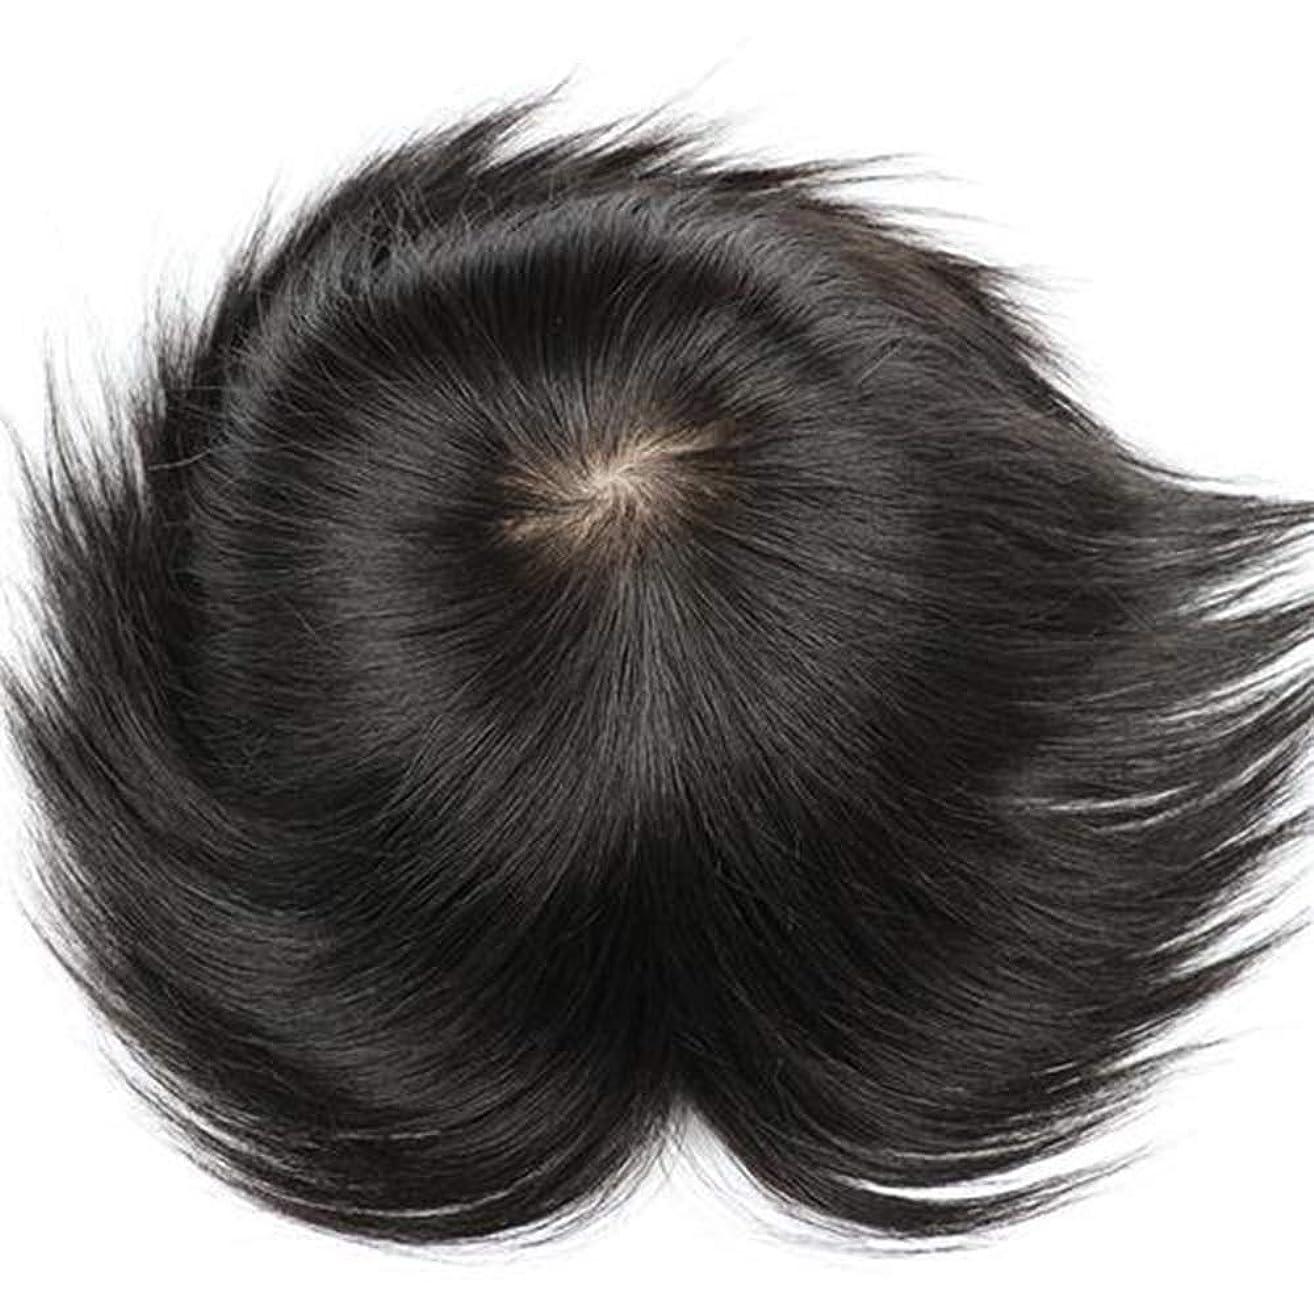 より良い太平洋諸島壊れたHOHYLLYA 男性用本物のヘアライトウィッグかつらヘッドトップコスプレパーティードレスファッションかつら (色 : Natural black, サイズ : 16x18)